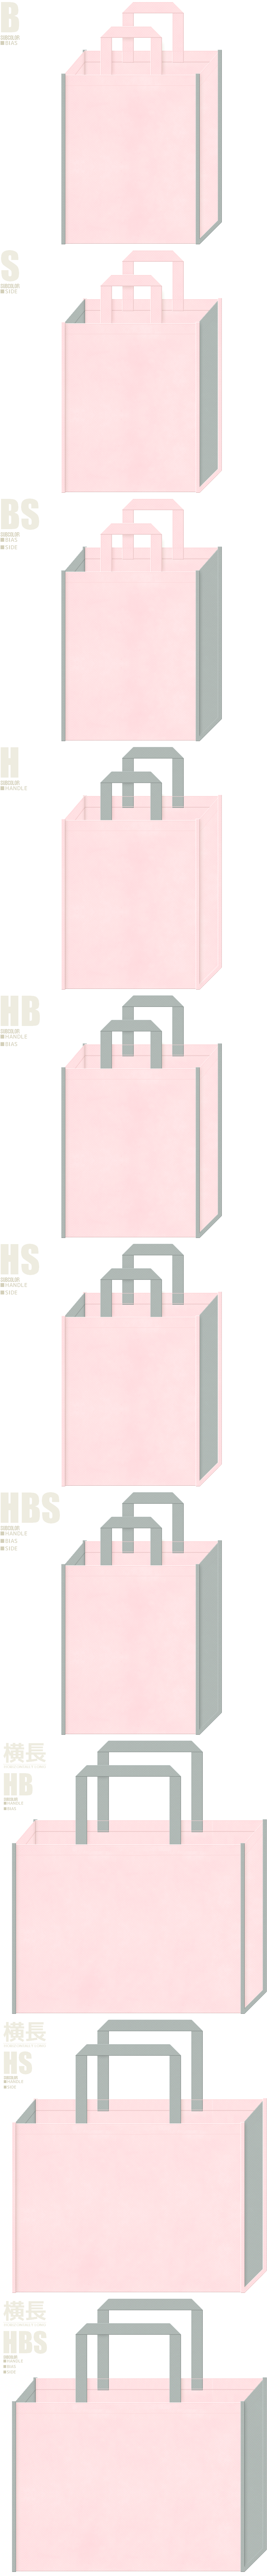 桜色とグレー色、7パターンの不織布トートバッグ配色デザイン例。